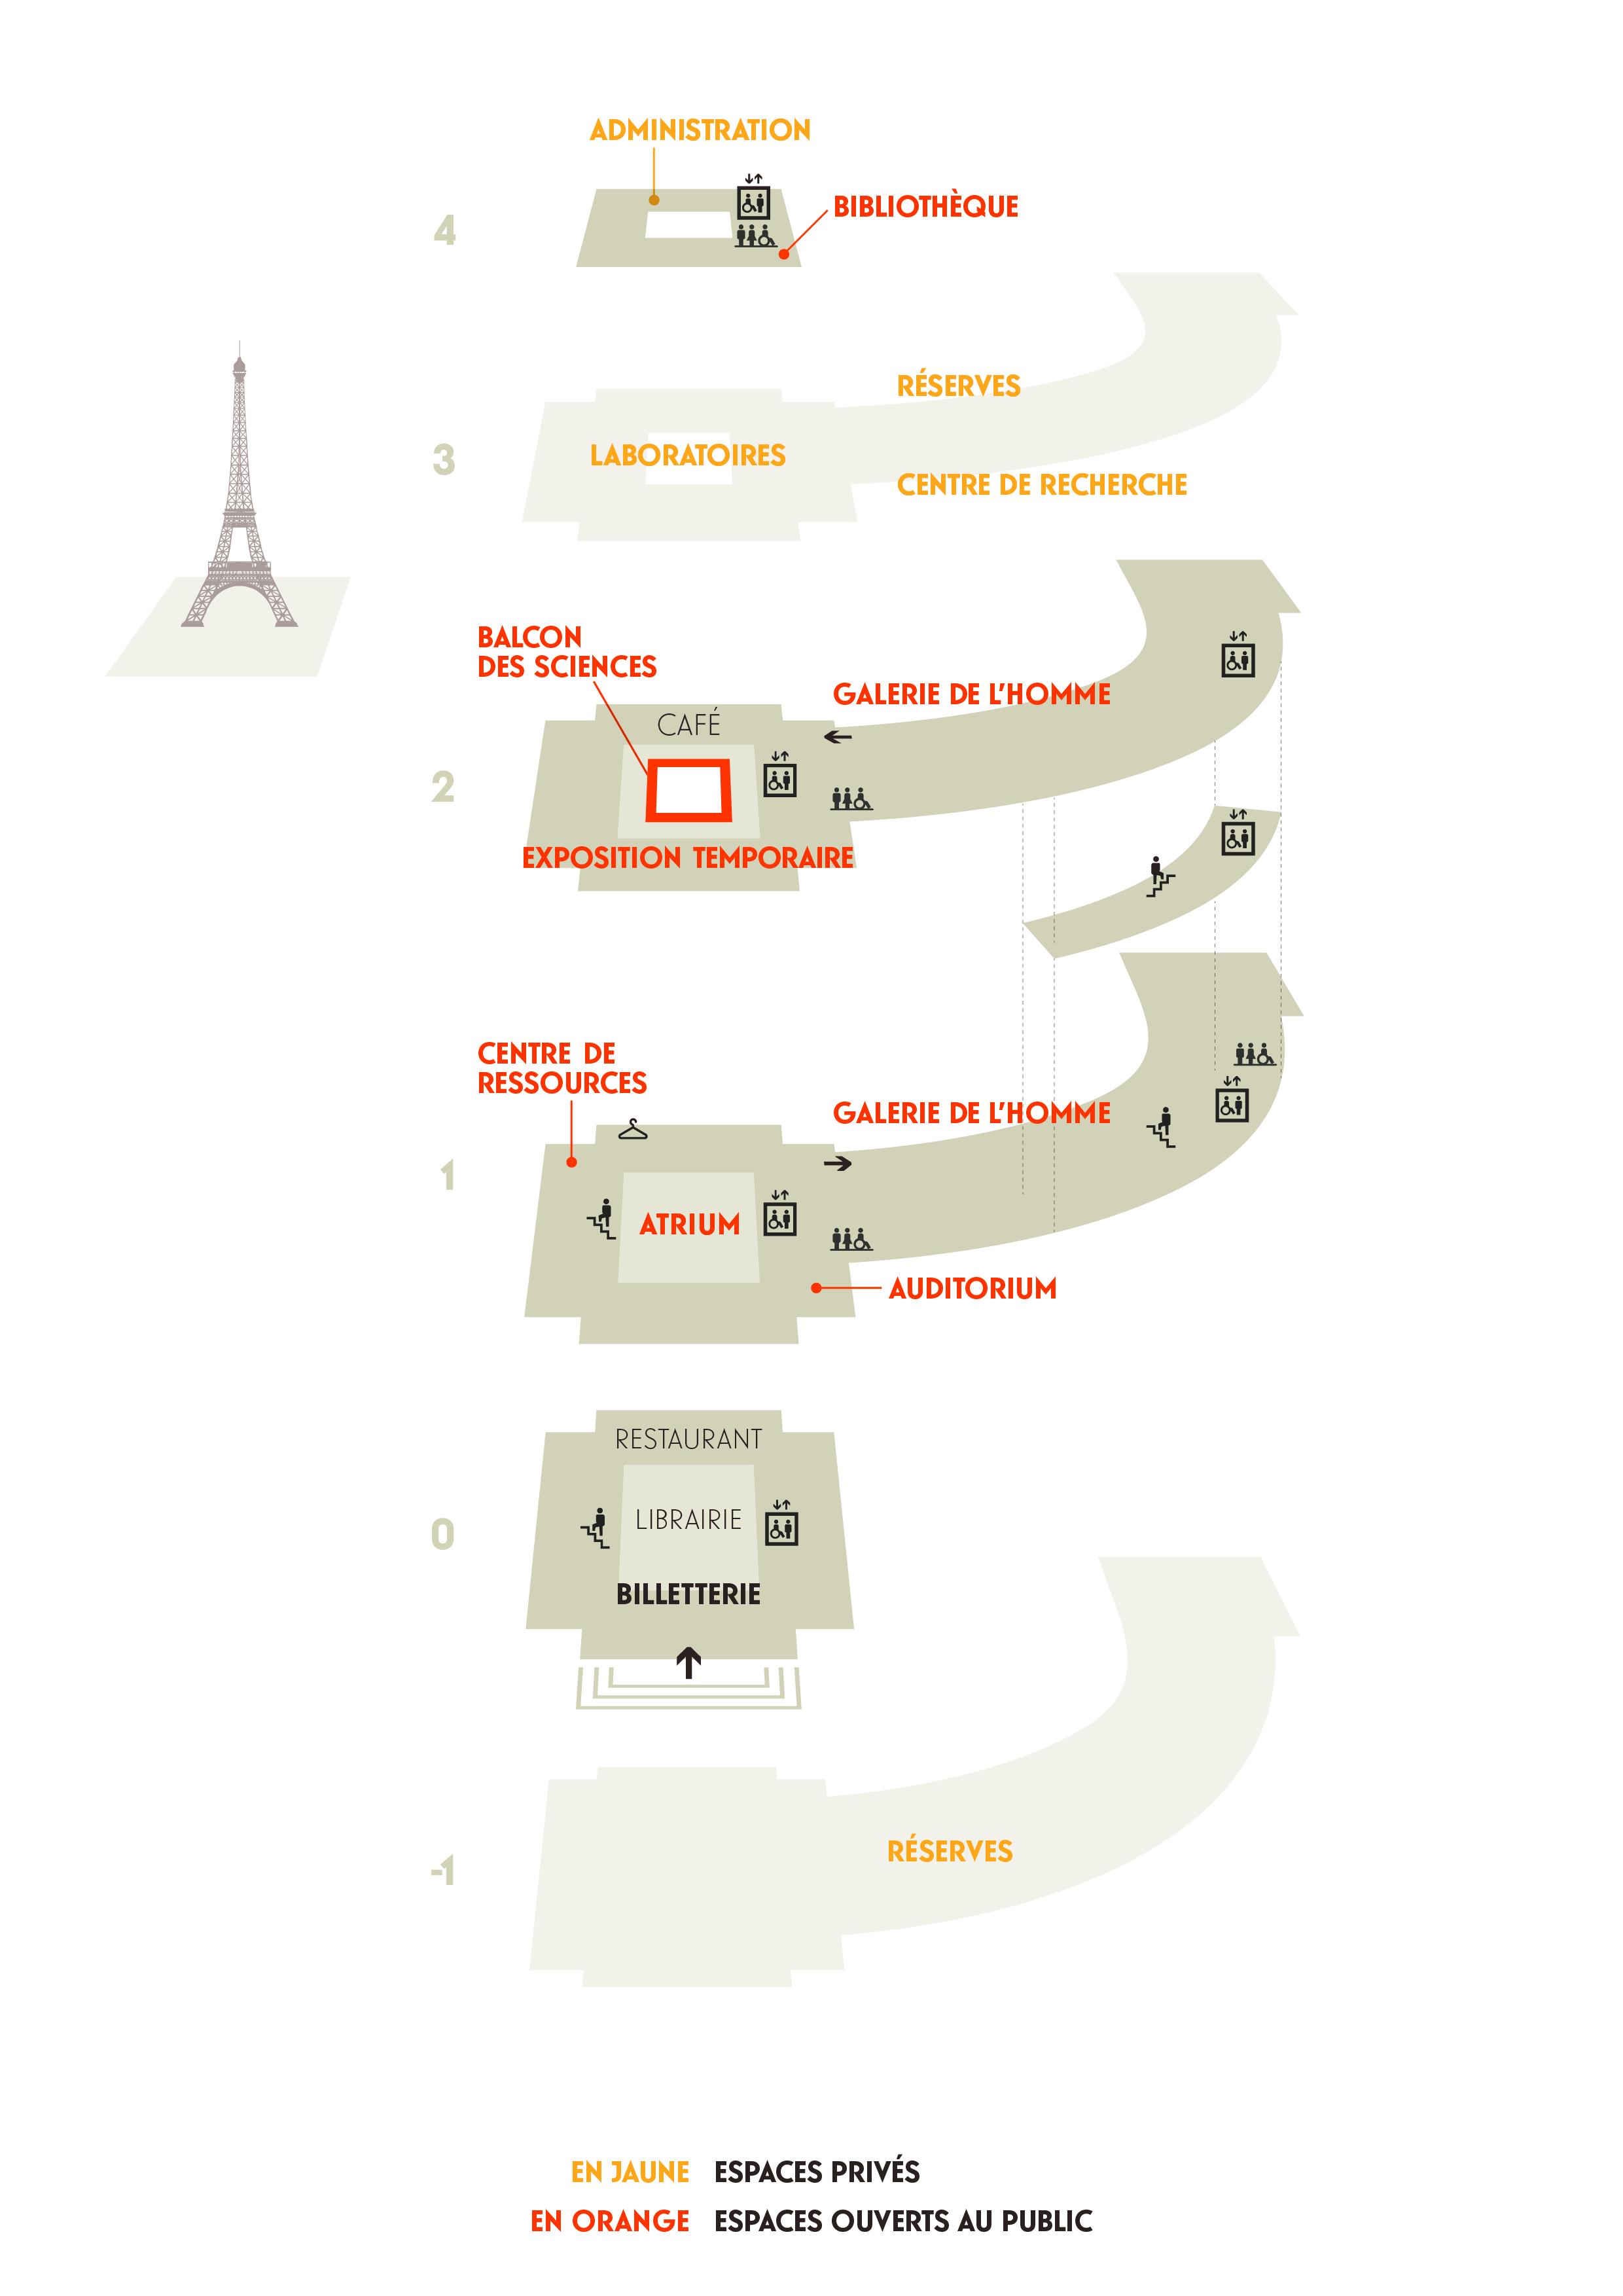 p18 representation_musee_avec_flux LM Communiquer